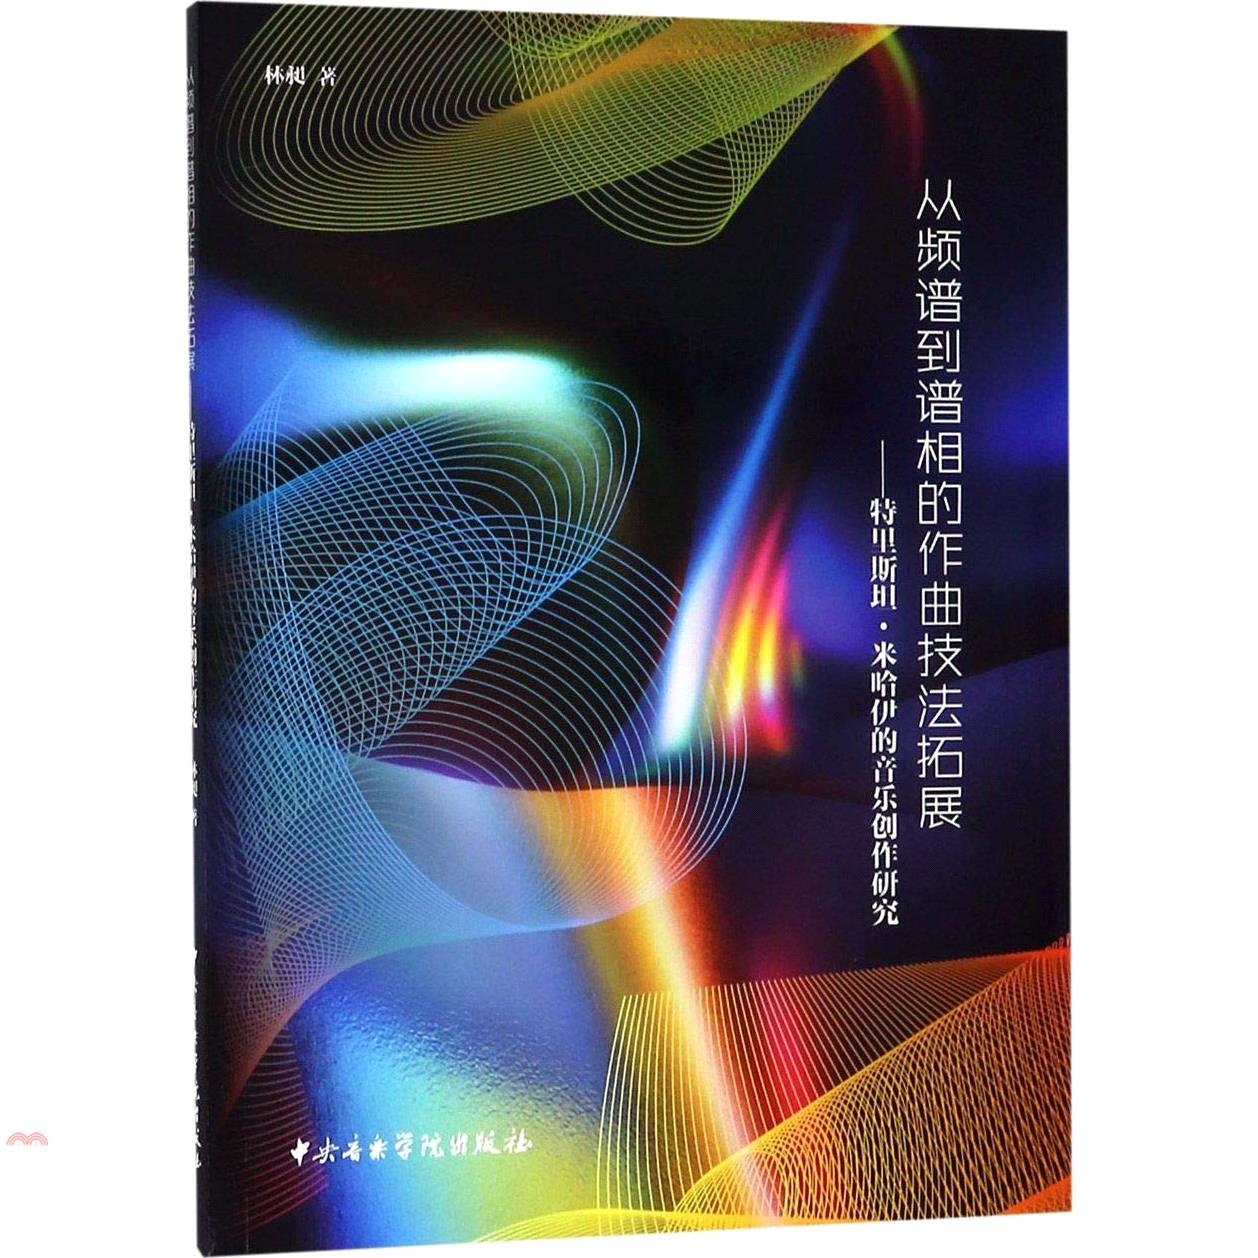 從頻譜到譜相的作曲技法拓展:特裡斯坦‧米哈伊的音樂創作研究(簡體書)[75折]